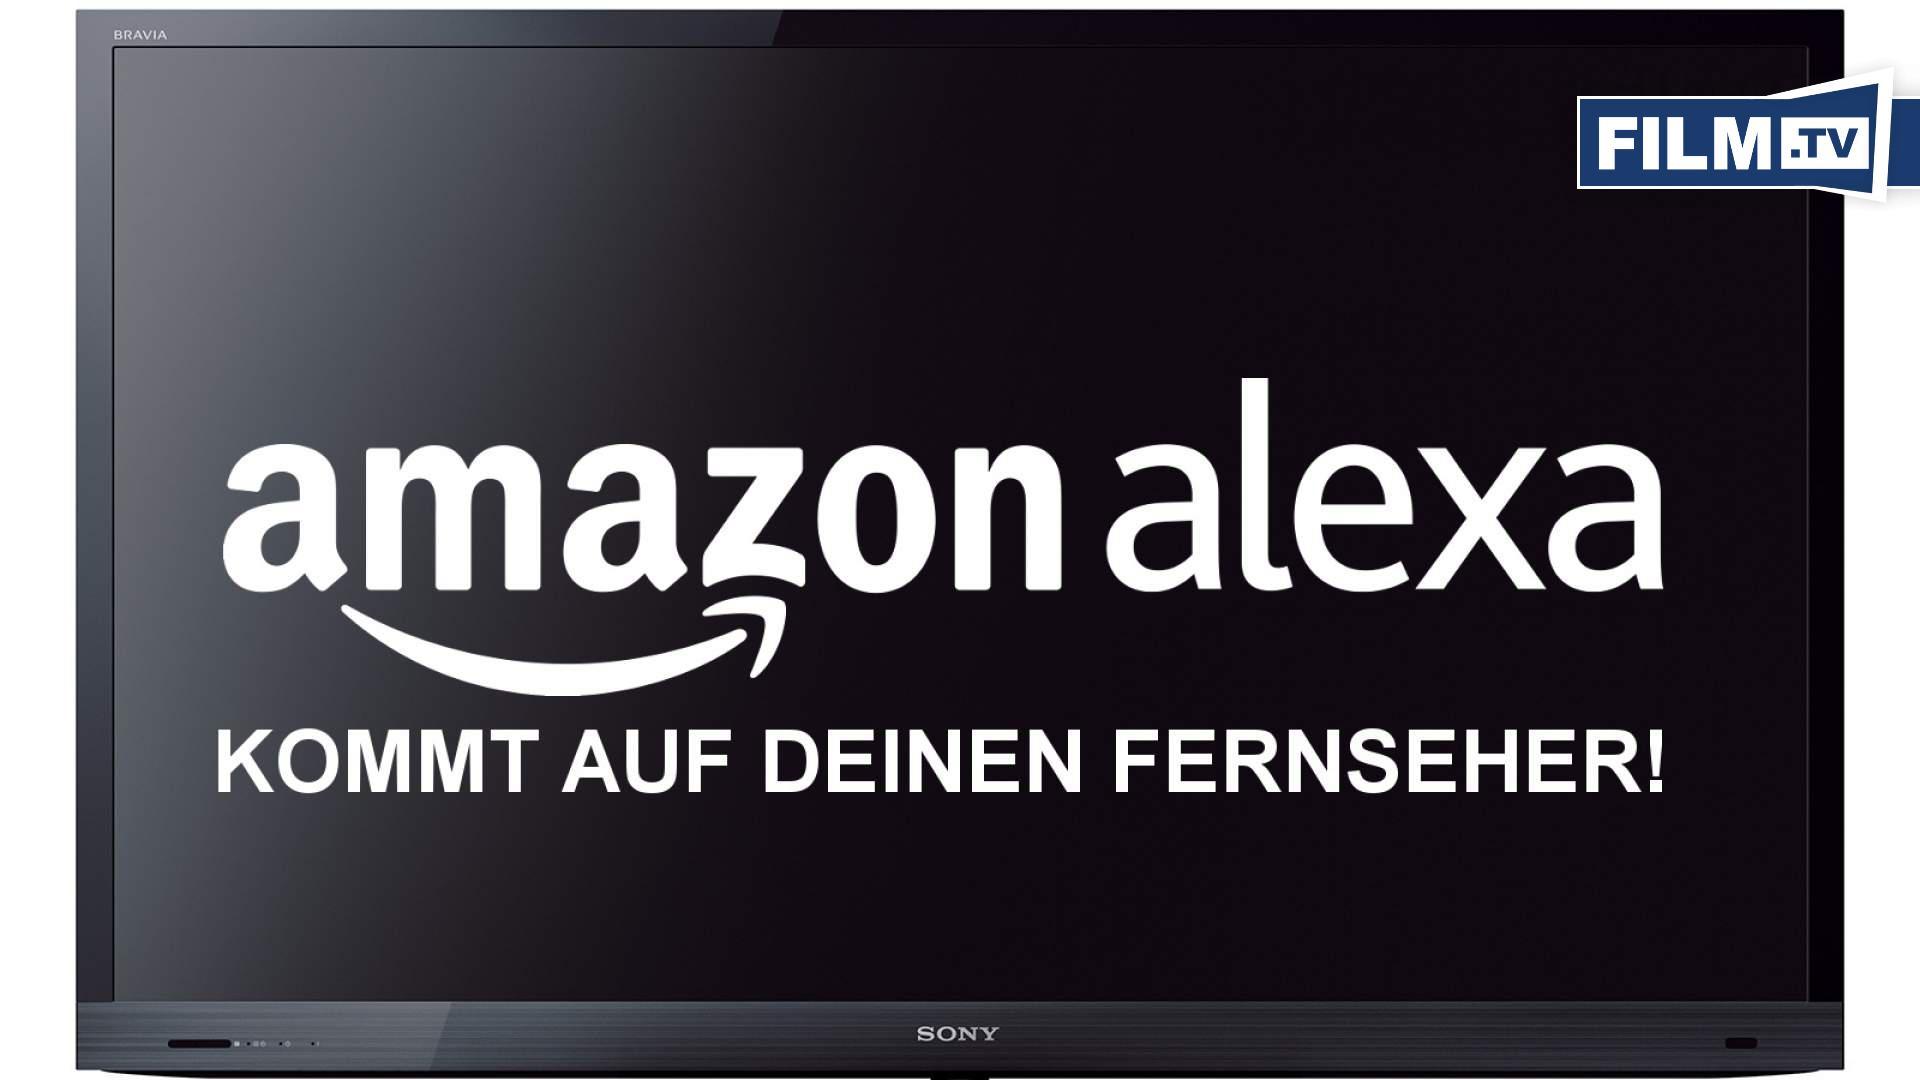 amazon alexa im fire tv reden mit dem fernseher trailerseite film tv. Black Bedroom Furniture Sets. Home Design Ideas